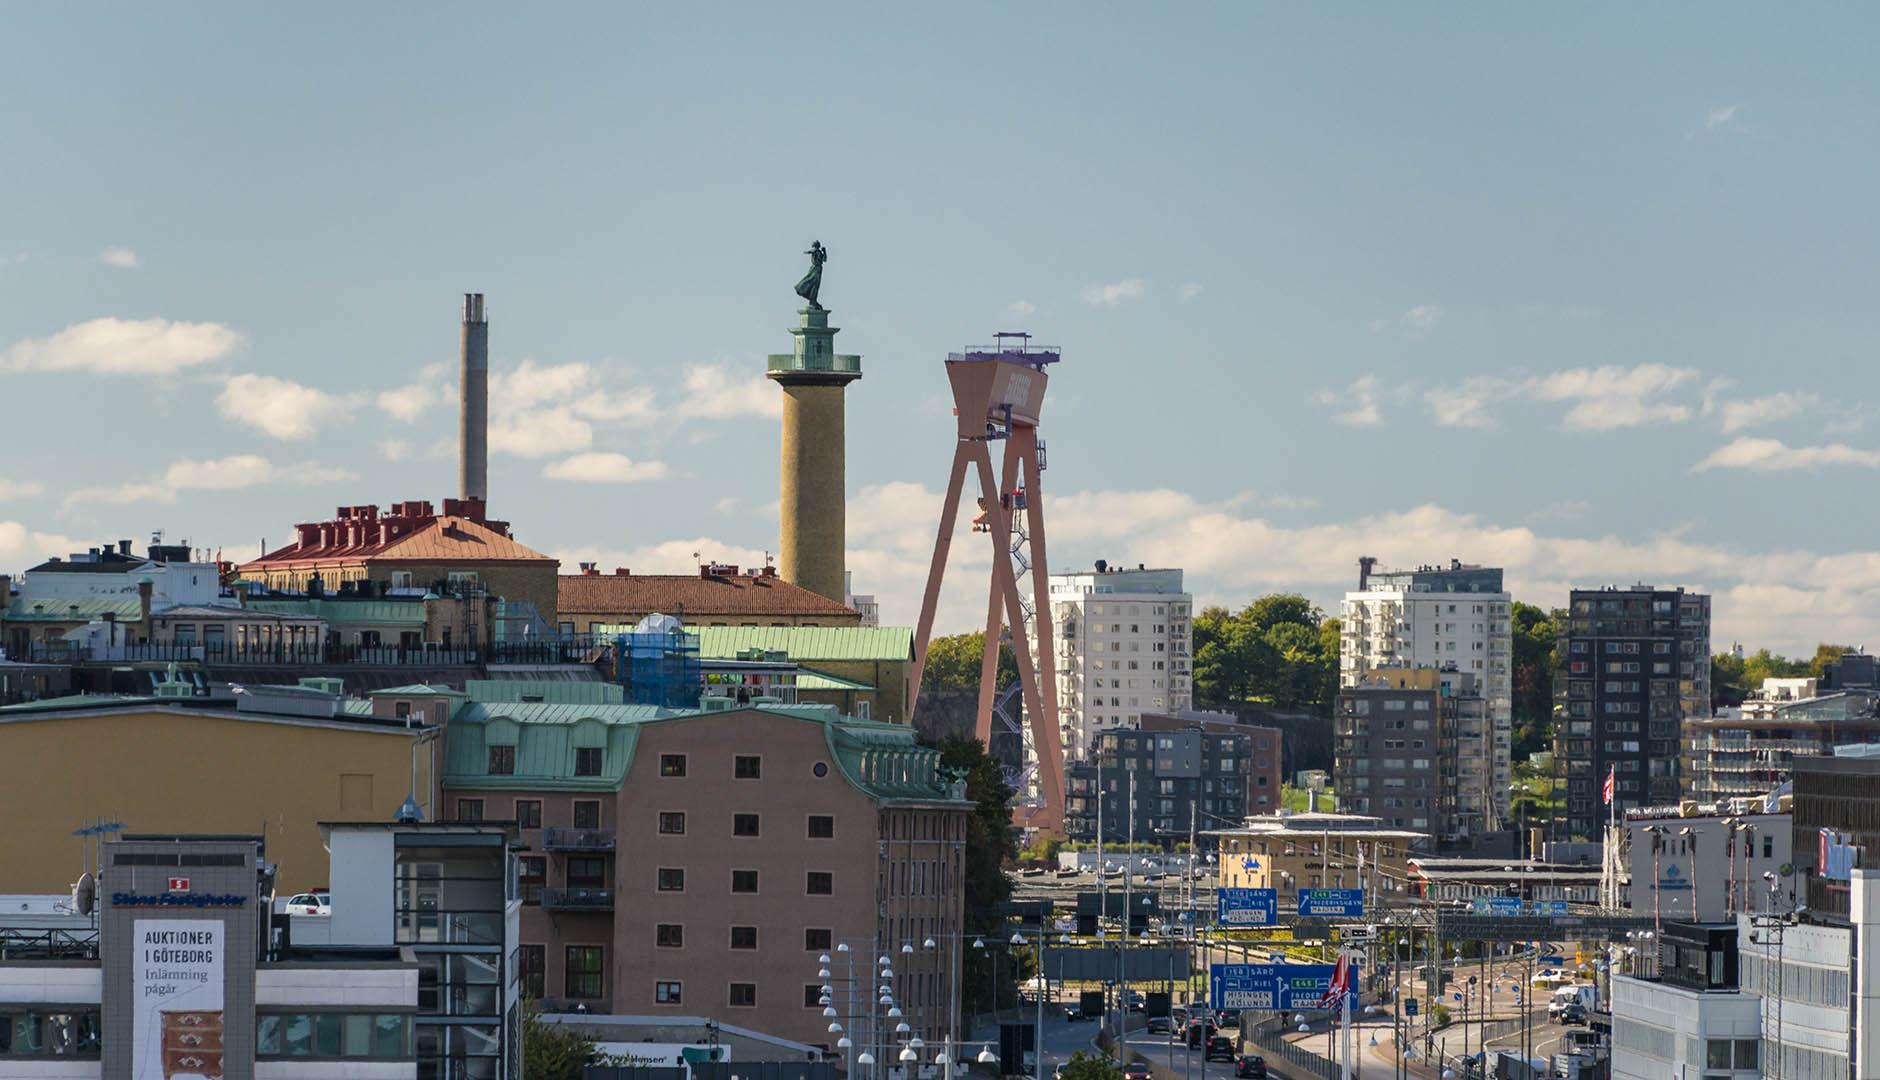 Göteborg med Eriksbergskranen och sjömanshustrun i bakgrunden